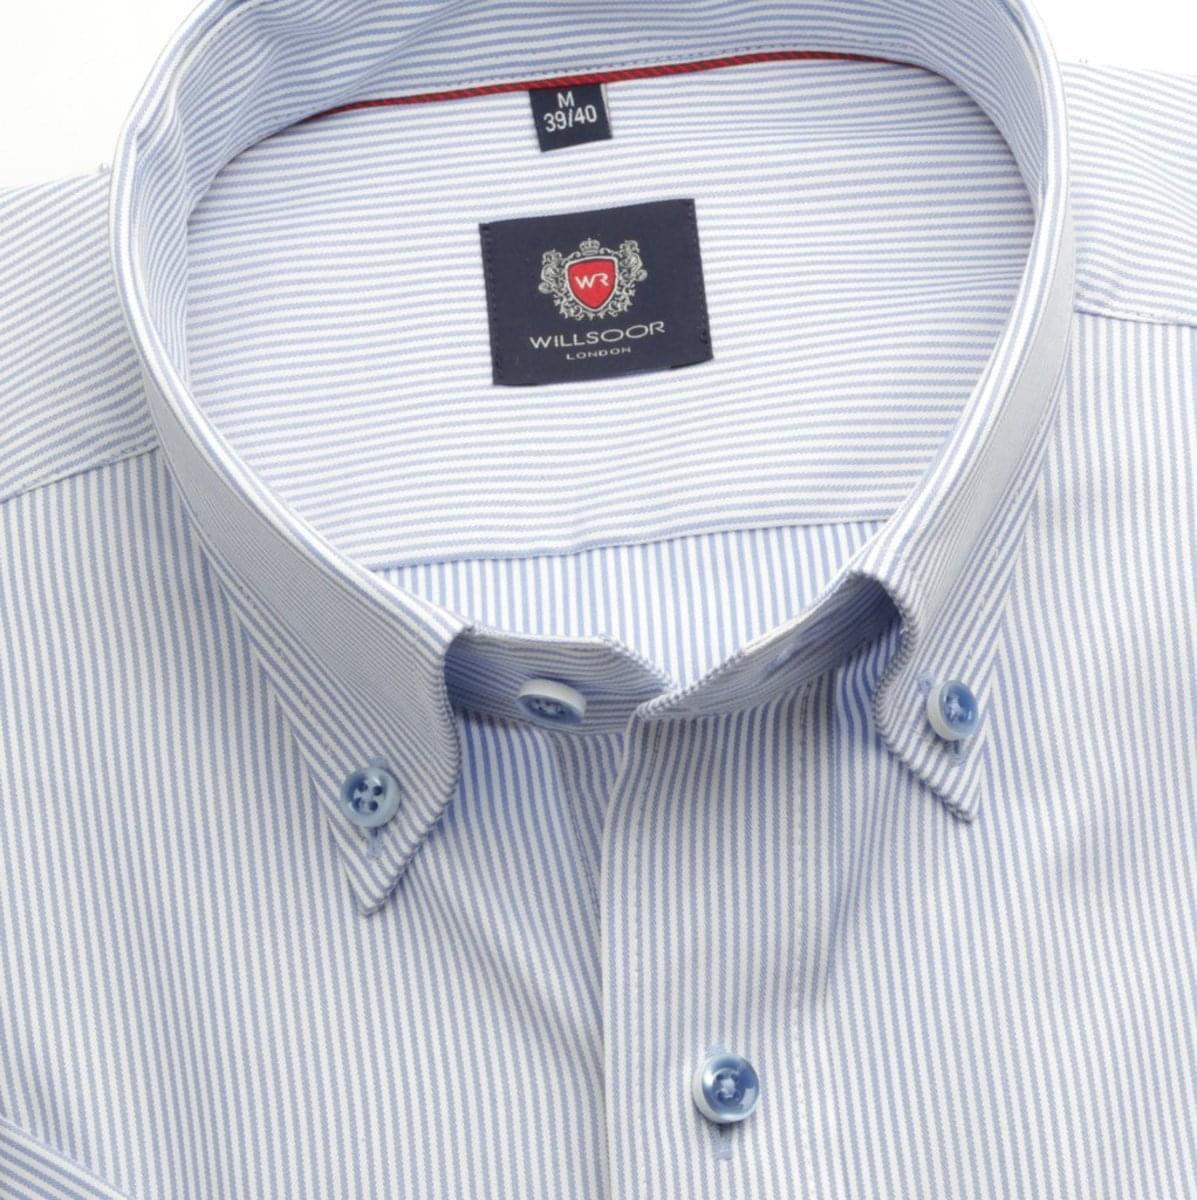 Pánská klasická košile London (výška 176-182) 6567 s jemným proužkem a formulí Easy Care 176-182 / L (41/42)